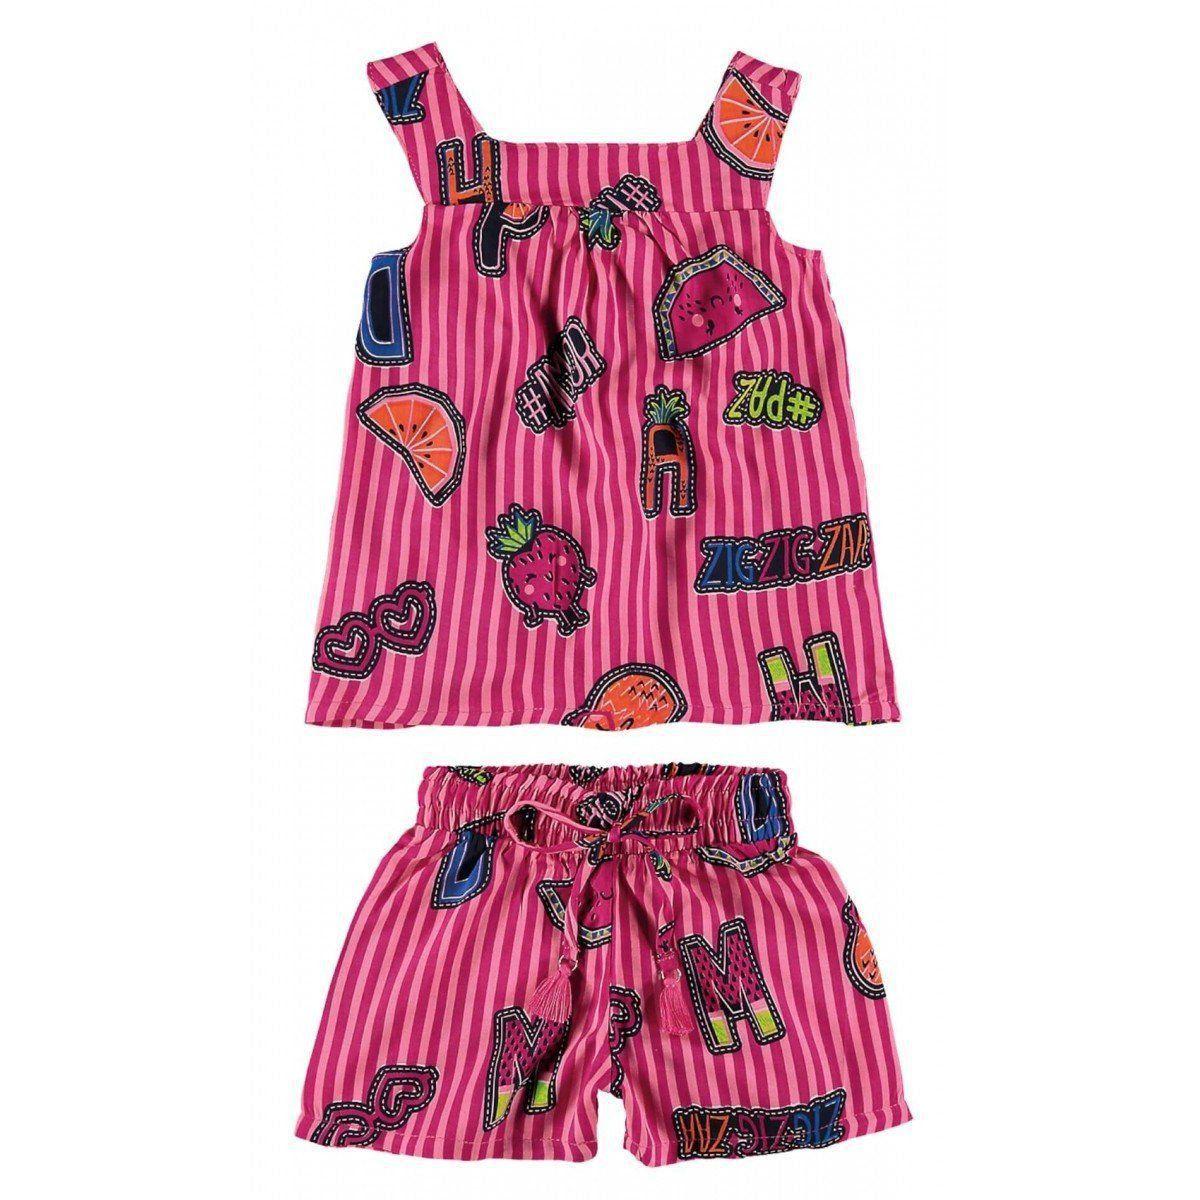 Conjunto Infantil Feminino Rosa Frutinhas Zig Zig Zaa